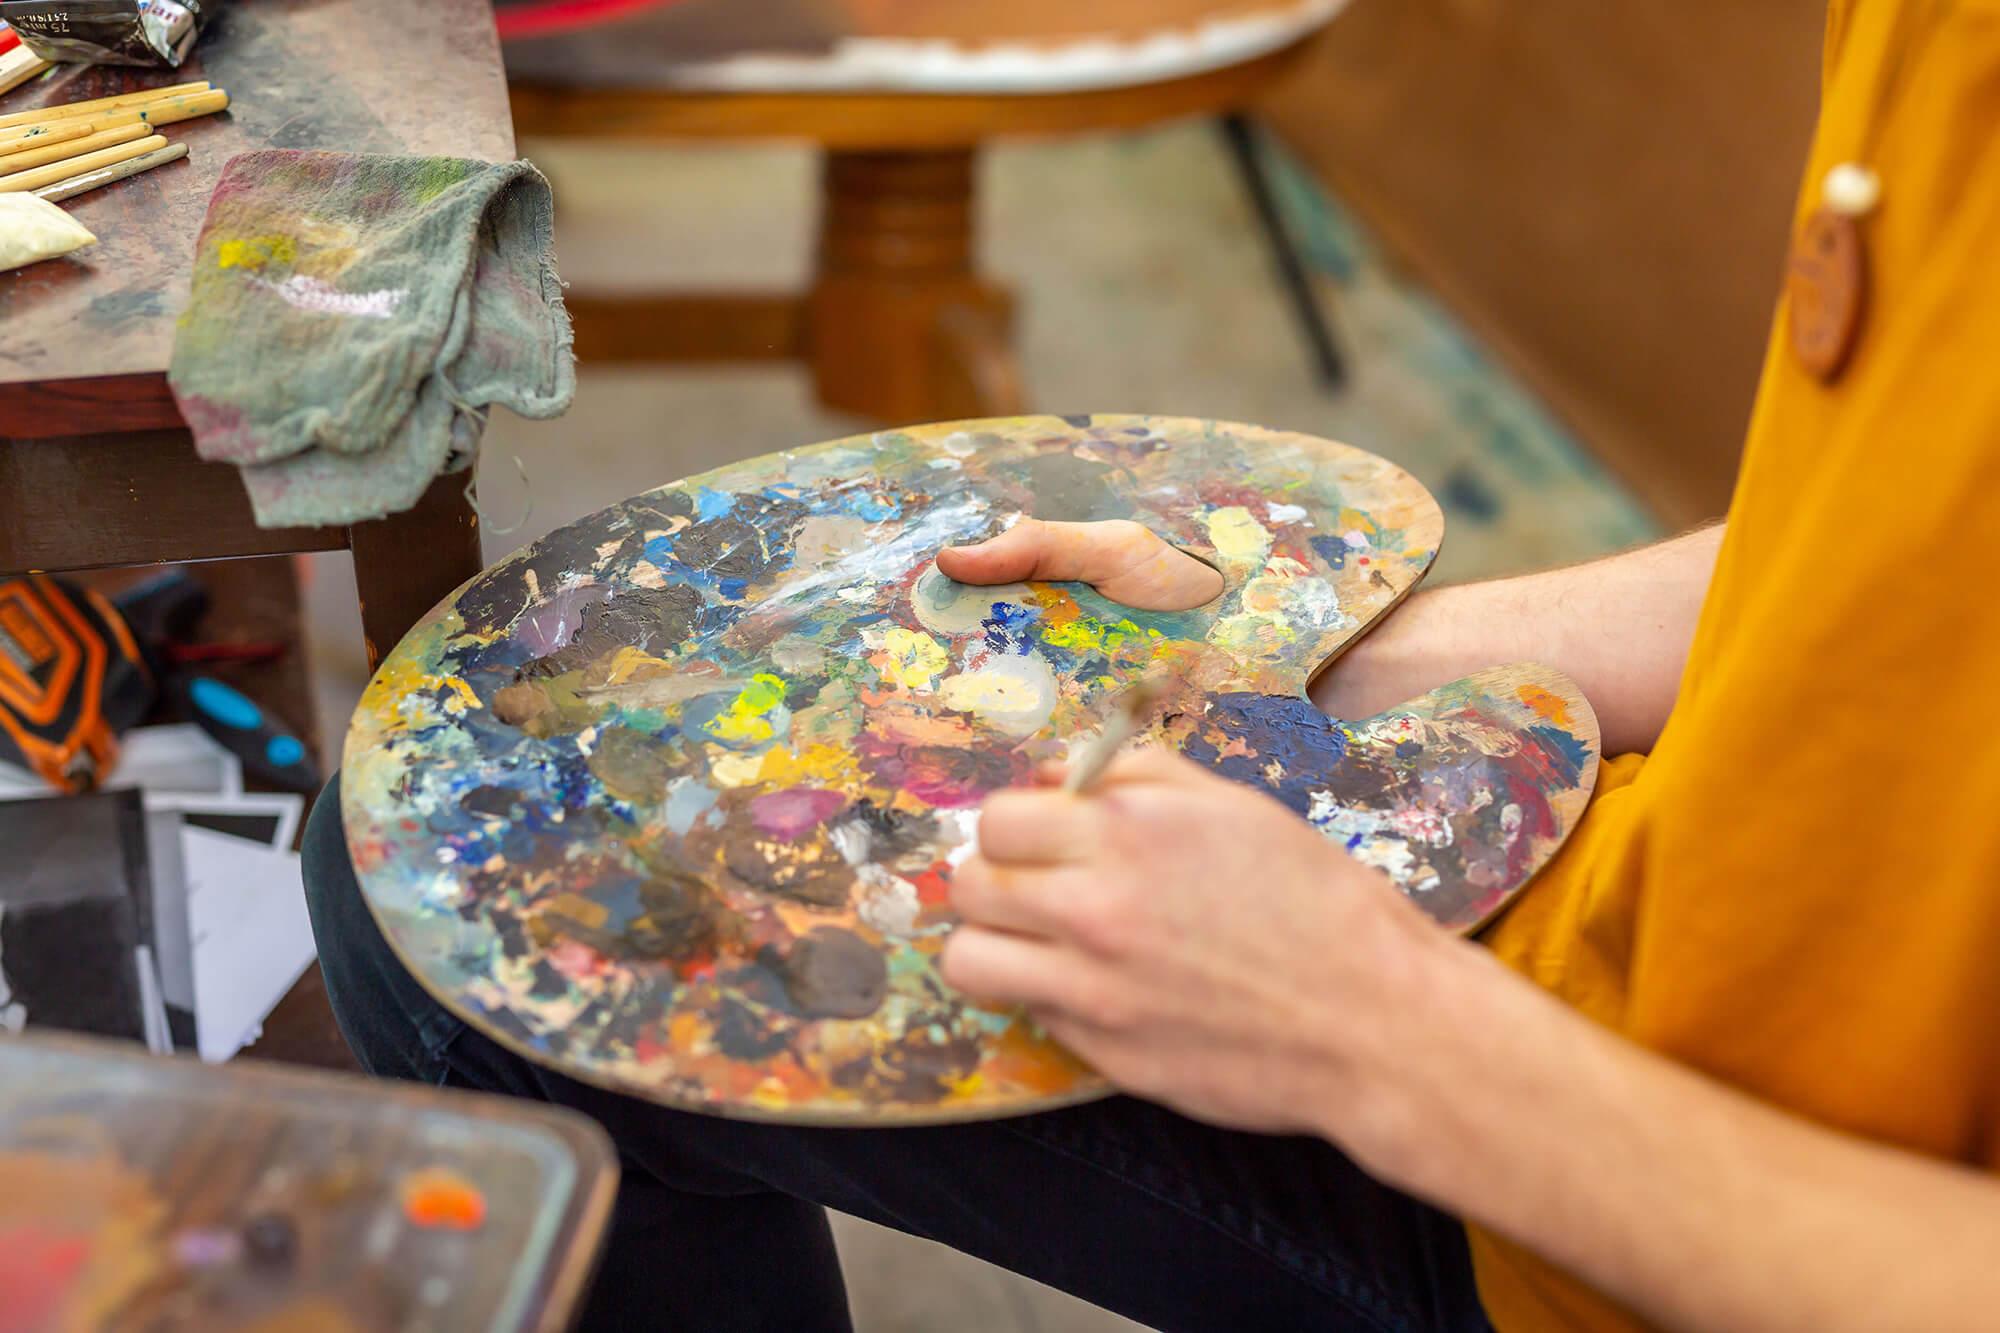 A Fine Art student's paint palette